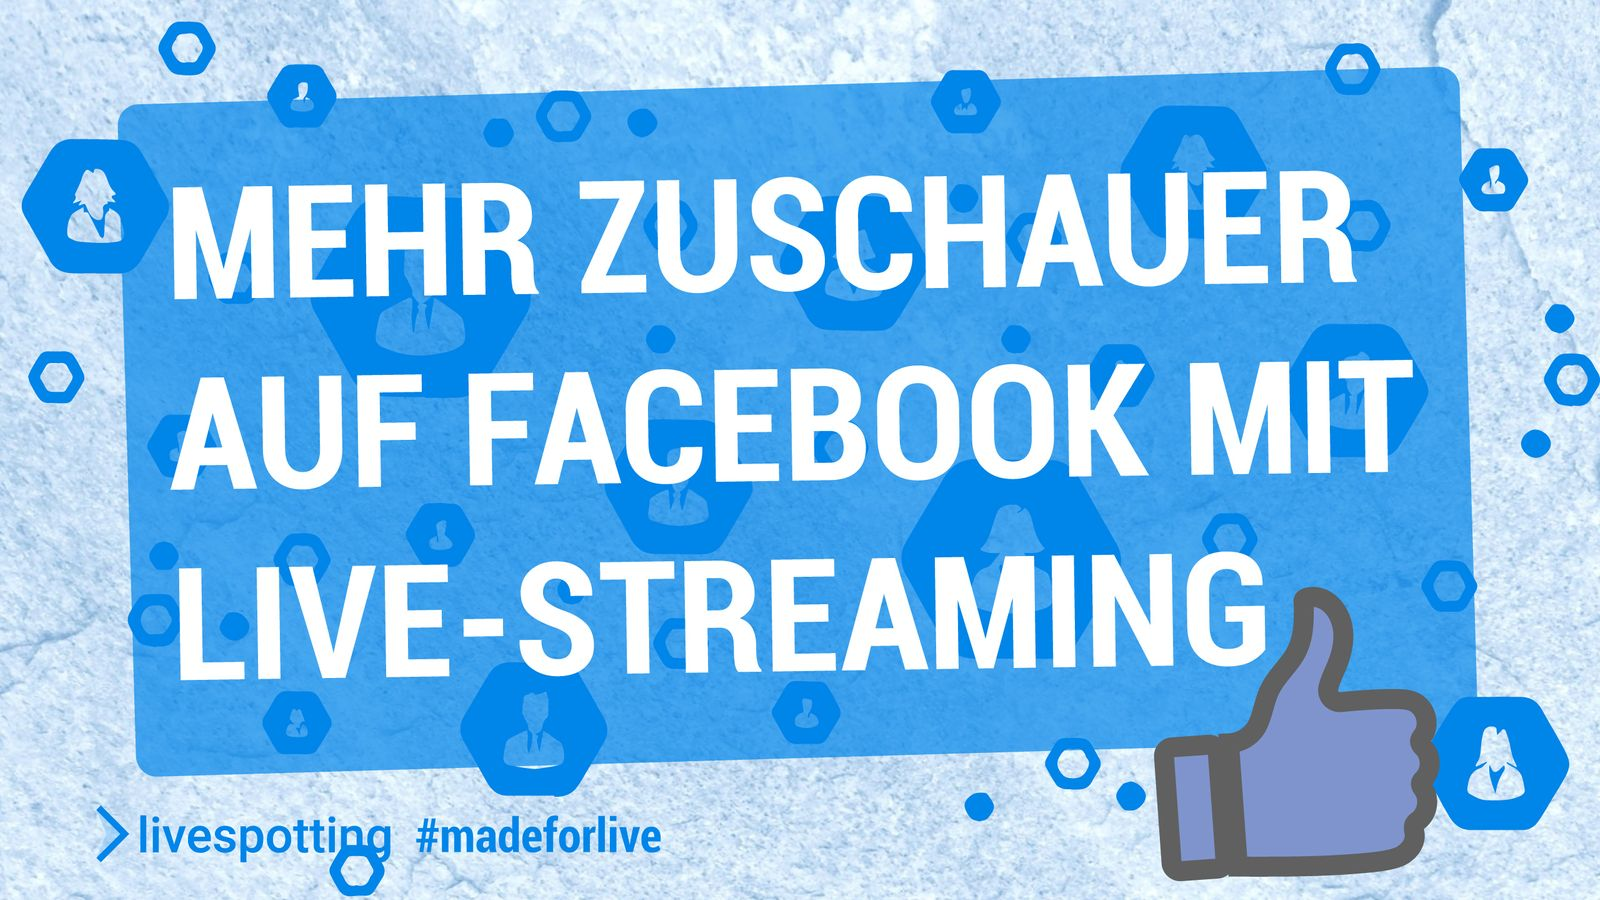 Tipps zur Steigerung des Facebook Publikums mit Live-Streaming